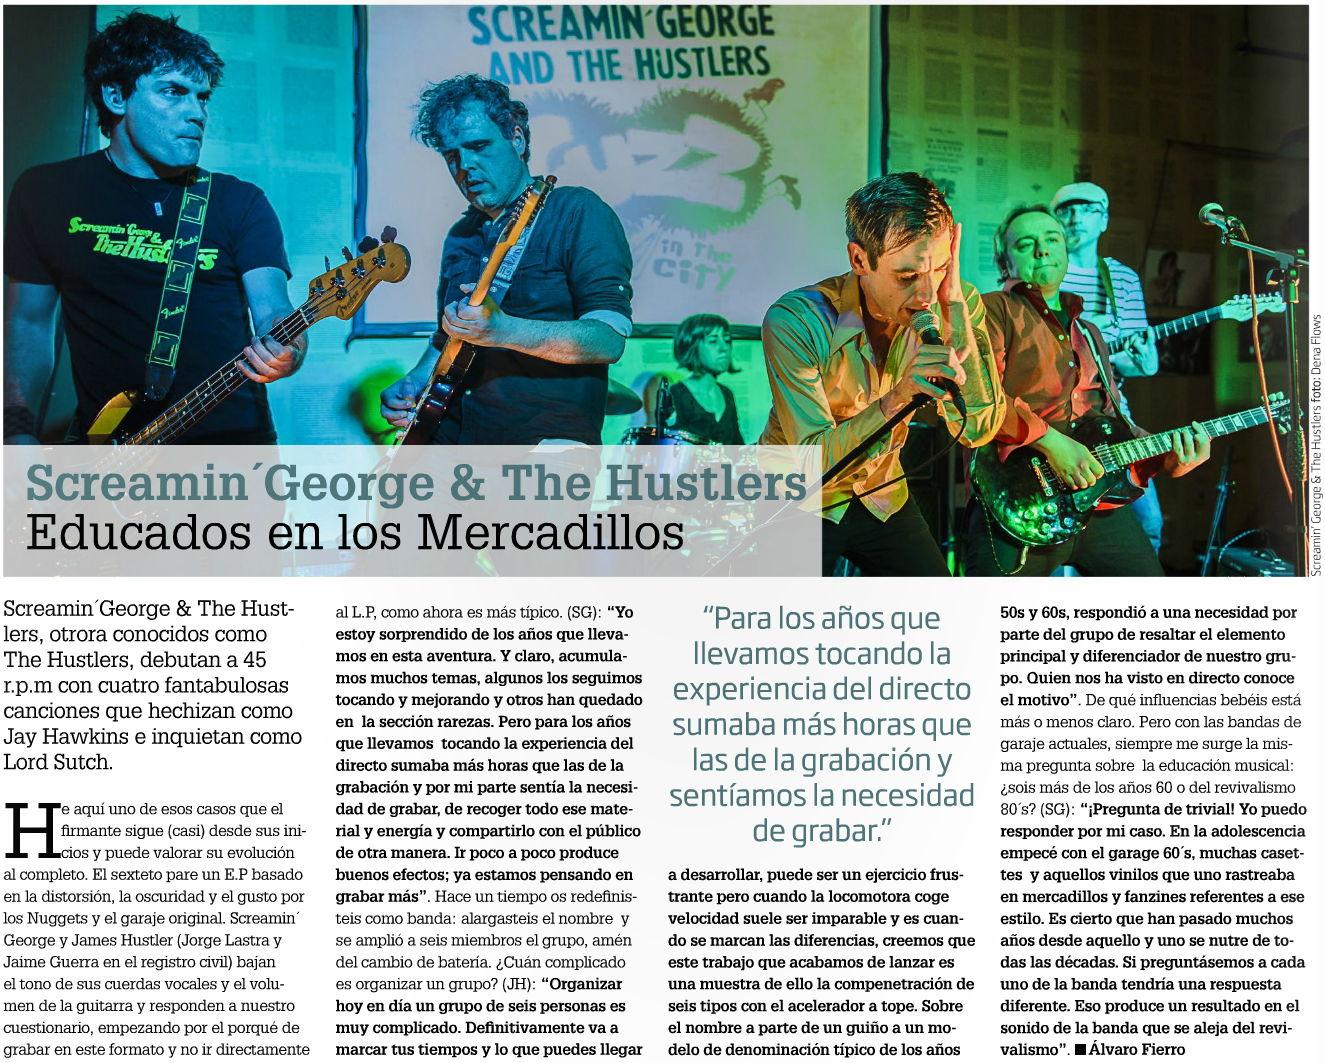 Captura de la entrevista y foto de Screamin' George & The Hustlers en Zarata-Mondo Sonoro (abril de 2015)